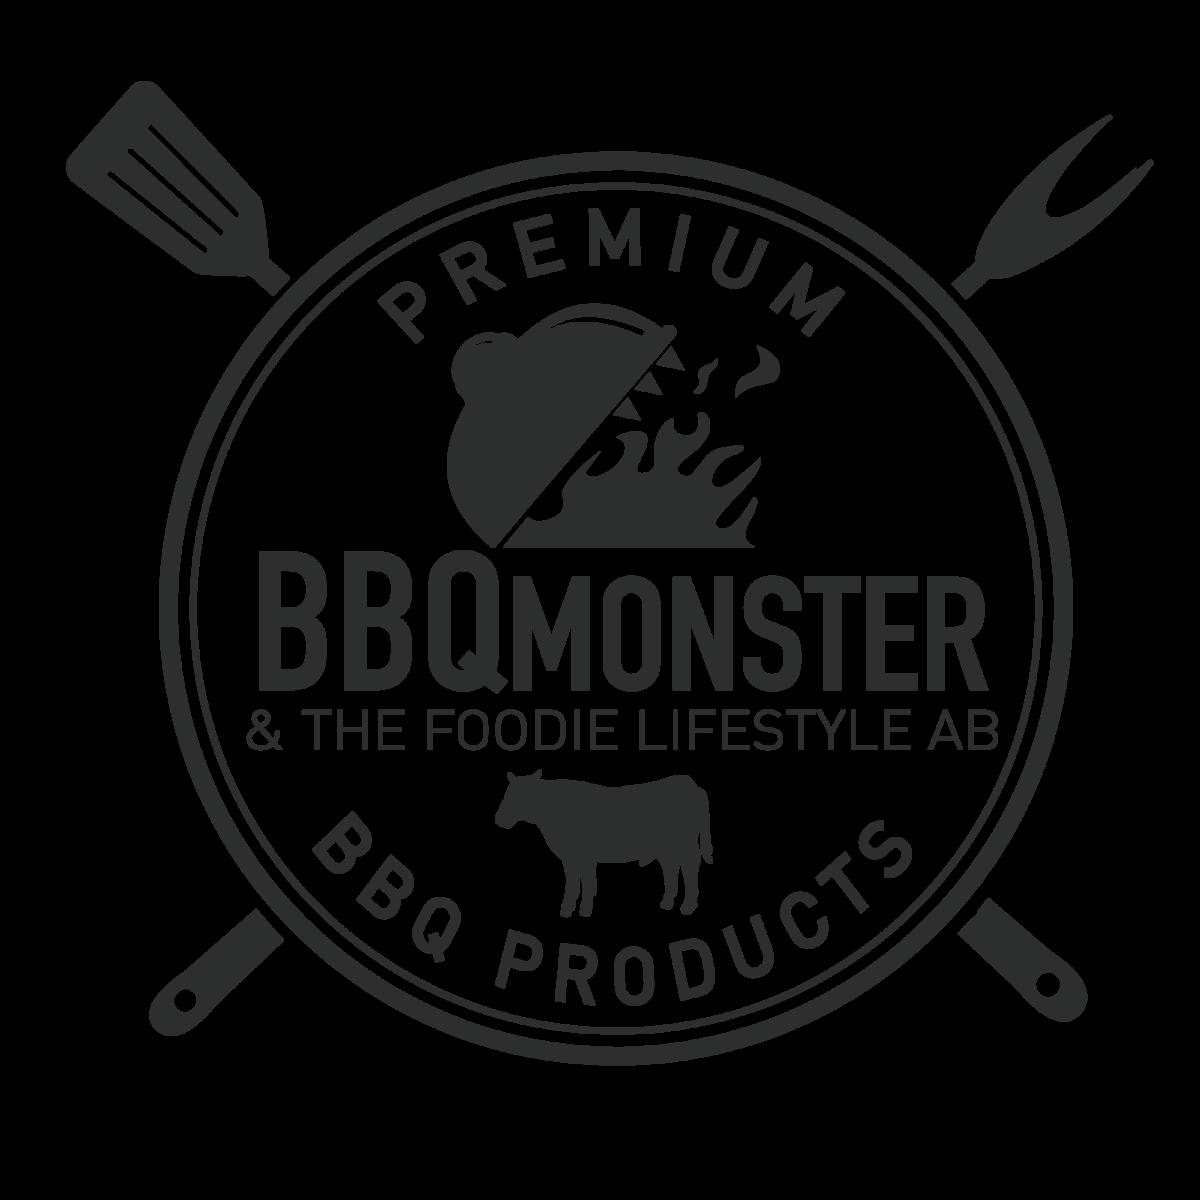 BBQmonster